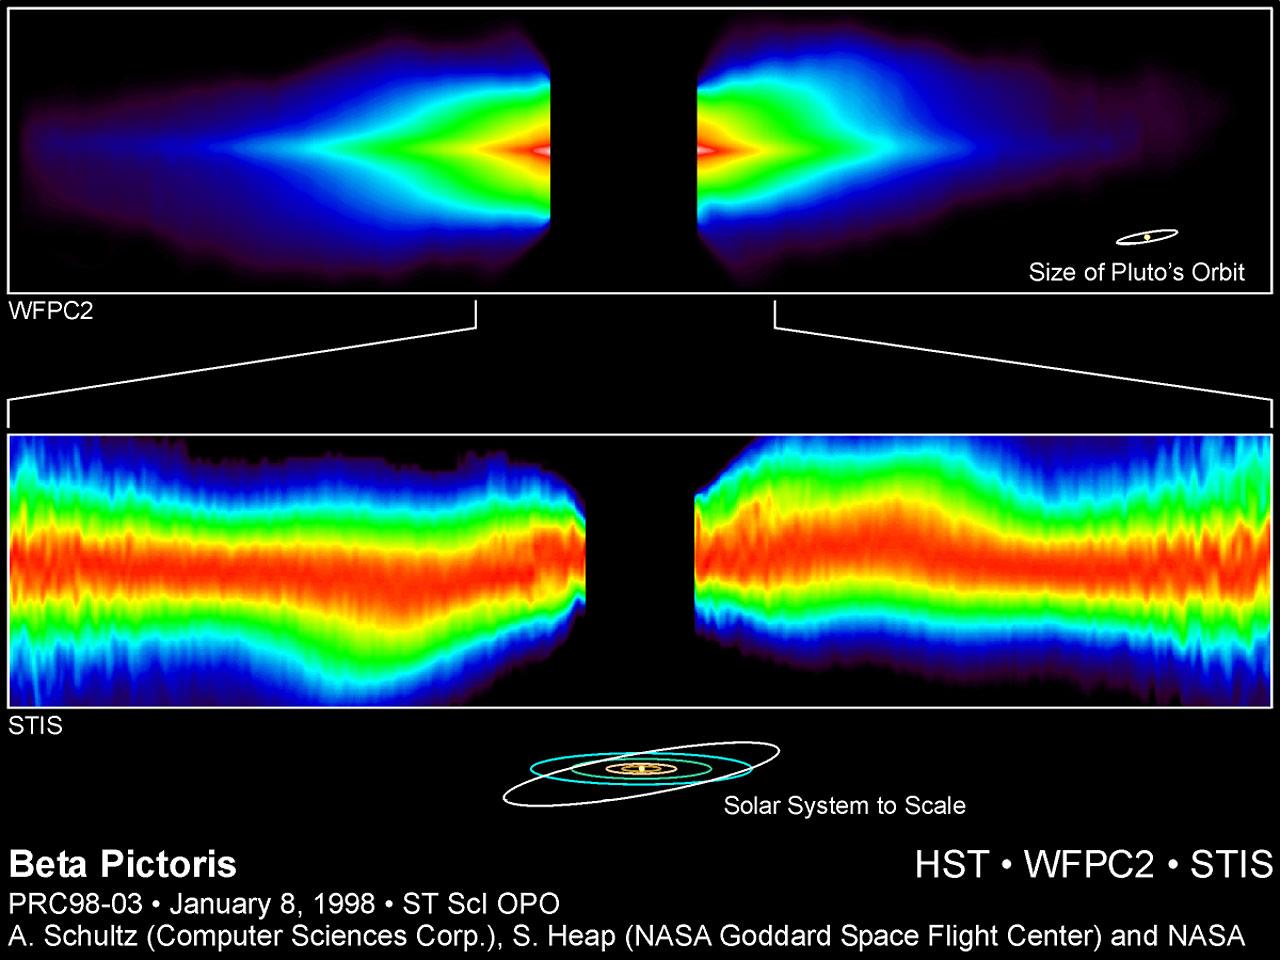 Circumstellar Disk Around Beta Pictoris